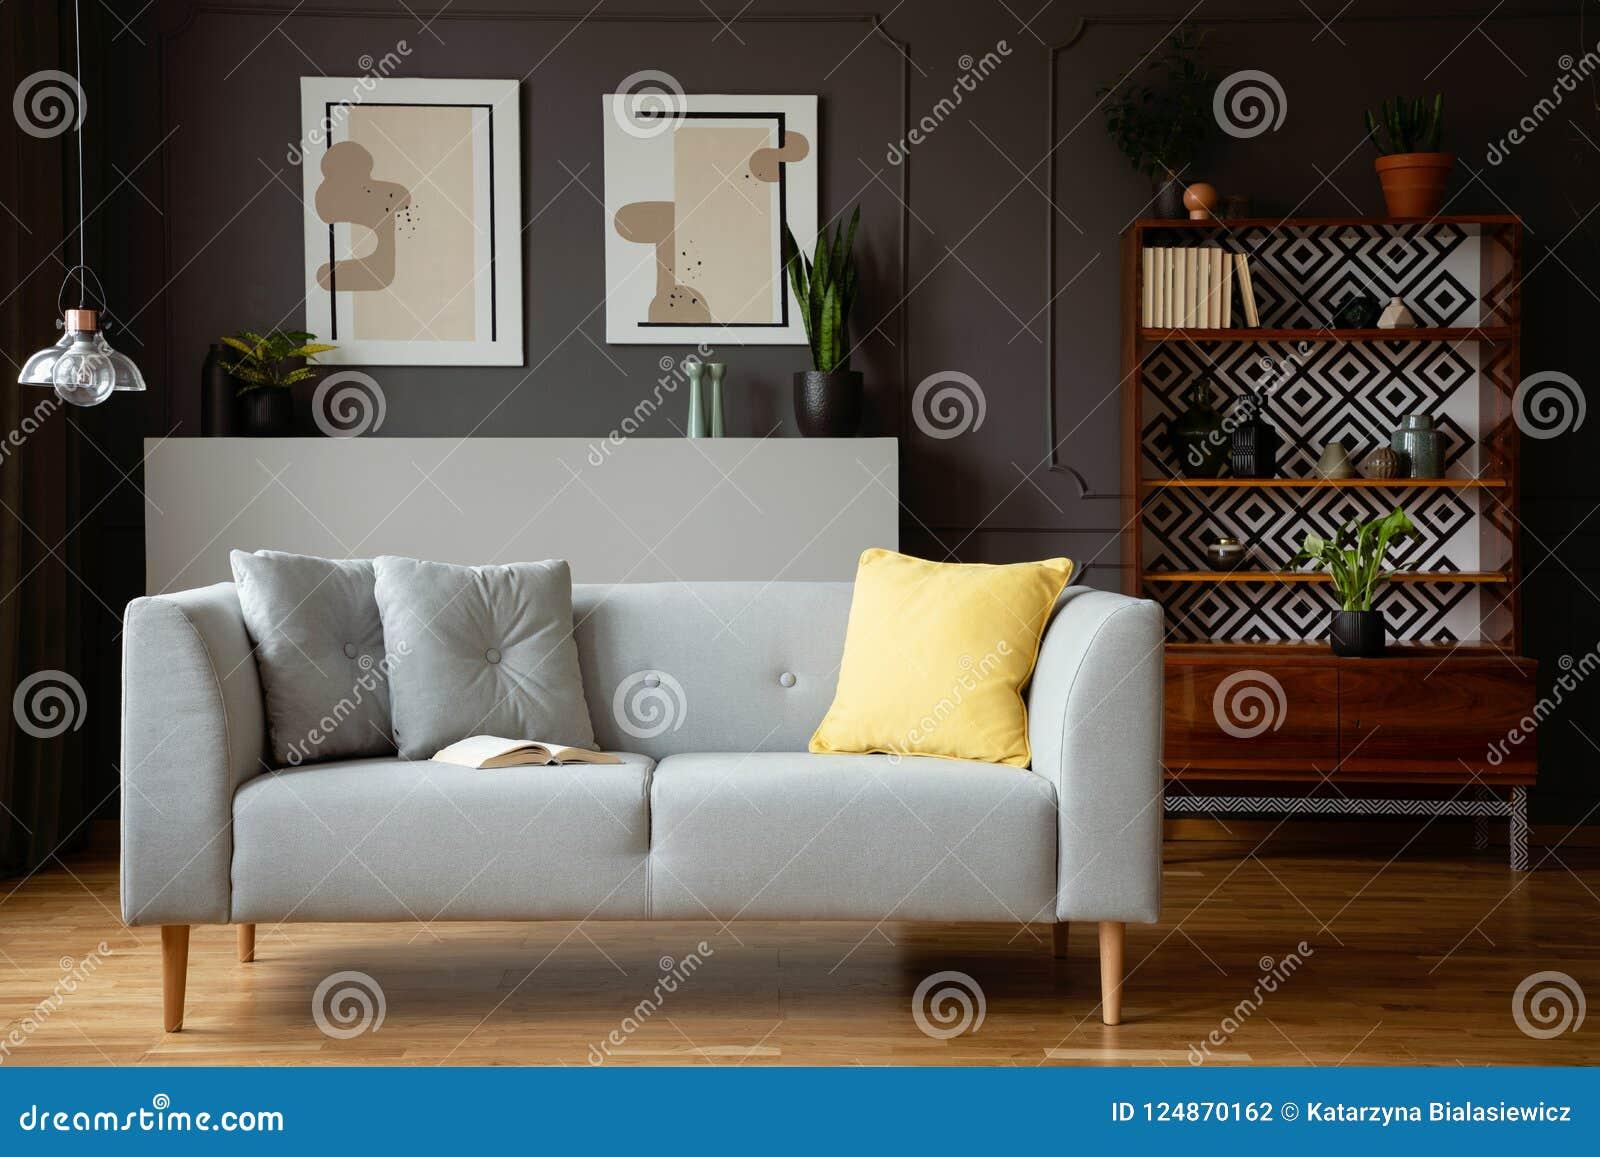 在灰色长沙发的黄色枕头在葡萄酒与灯和海报的客厅内部 实际照片